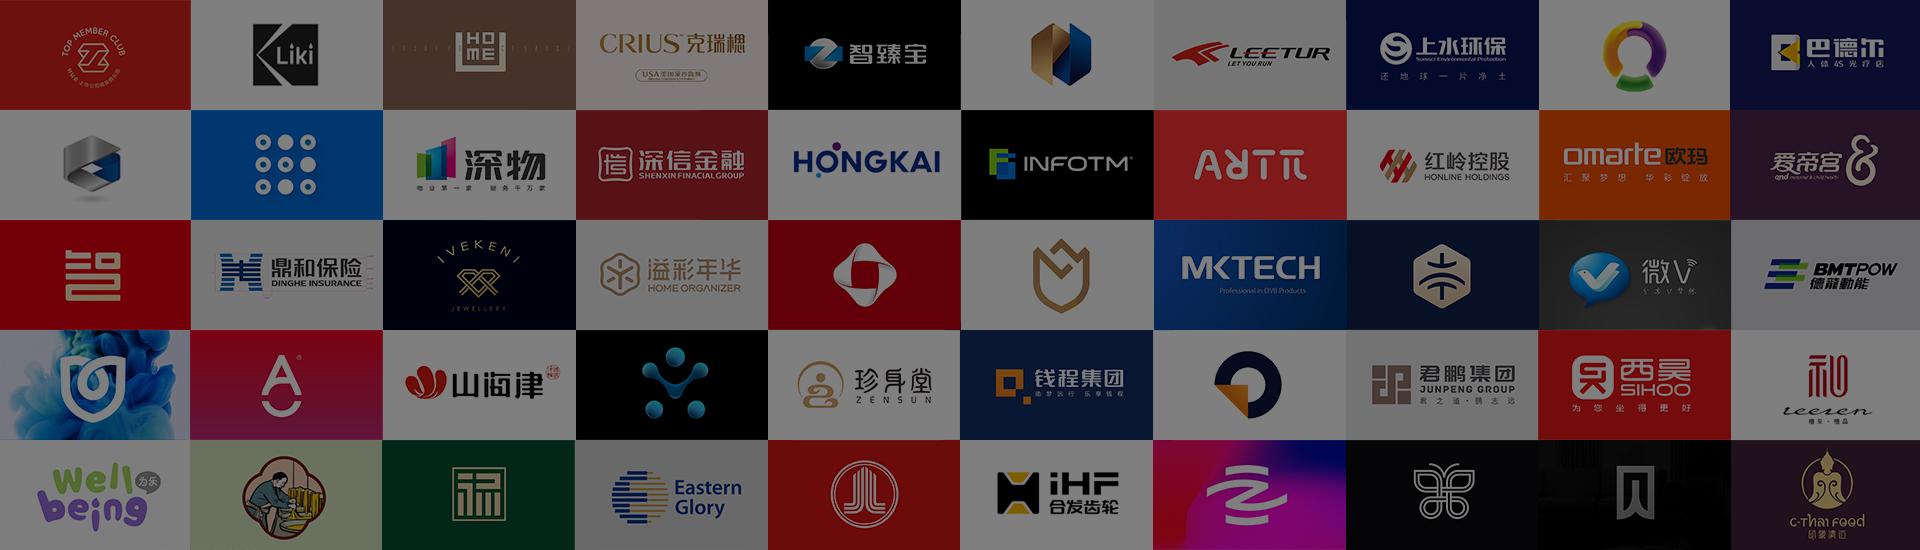 深圳专业VI设计公司